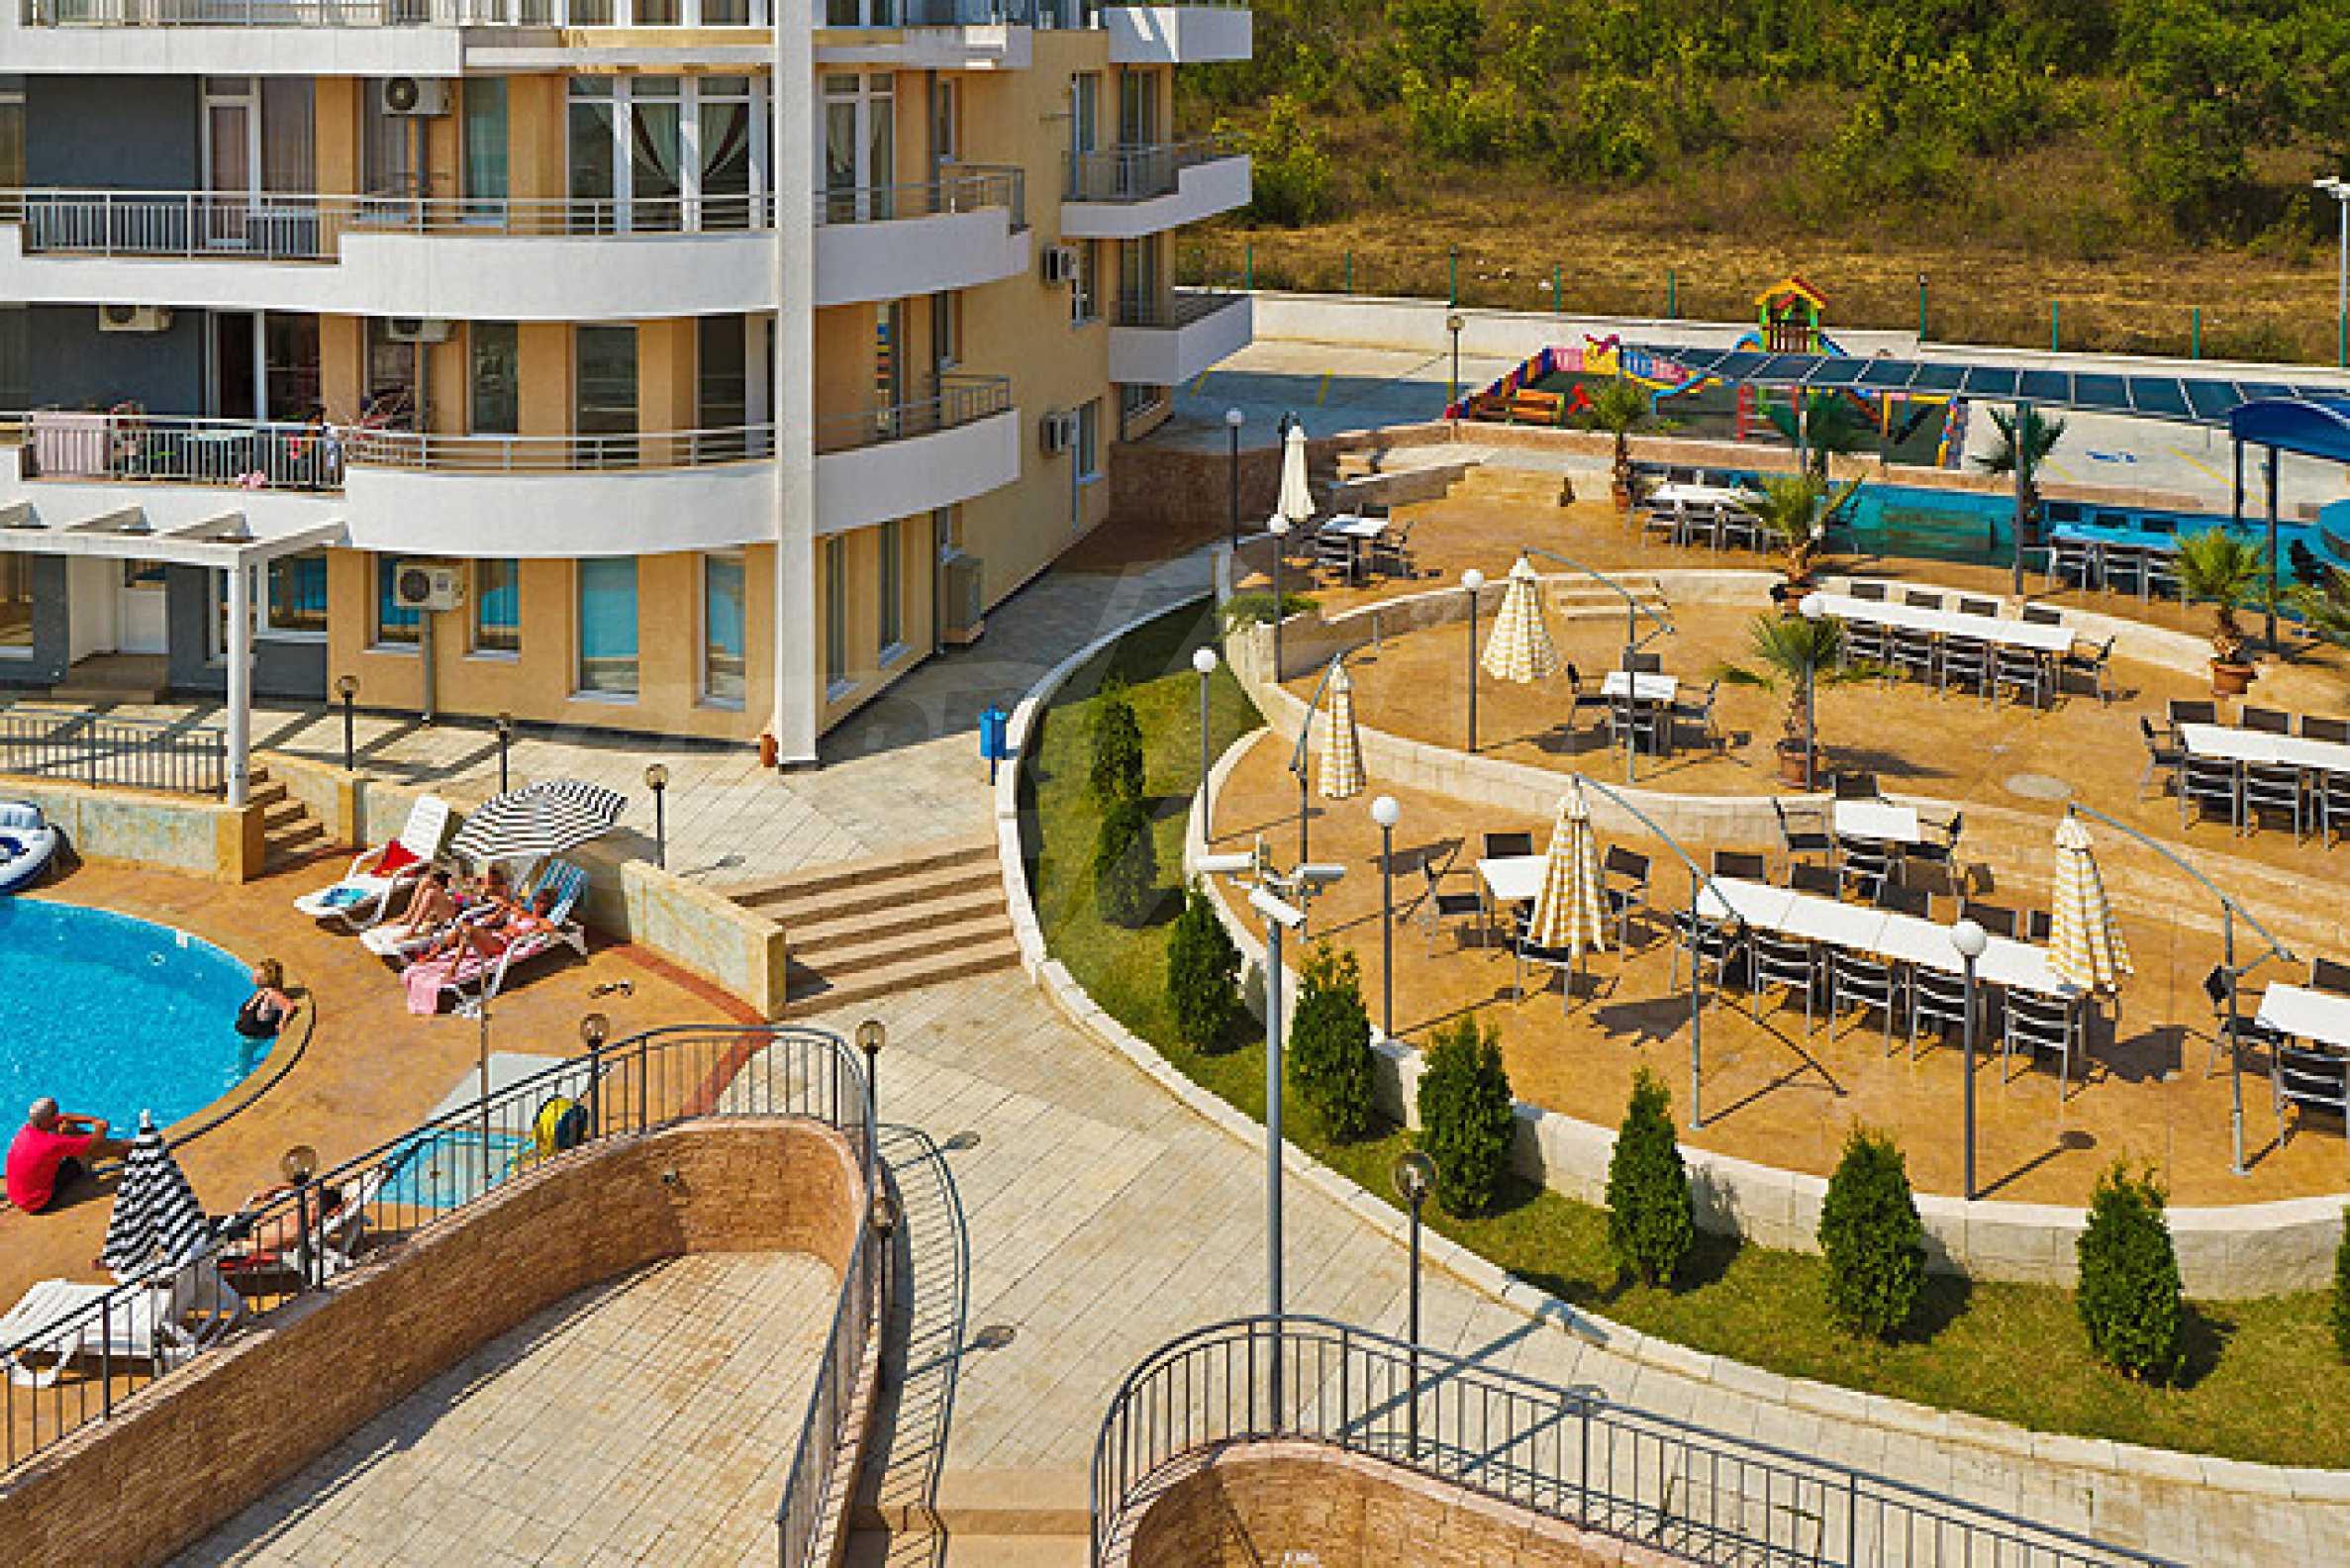 Sunset Kosharitsa - Apartments in einem attraktiven Berg- und Seekomplex, 5 Autominuten vom Sonnenstrand entfernt 38